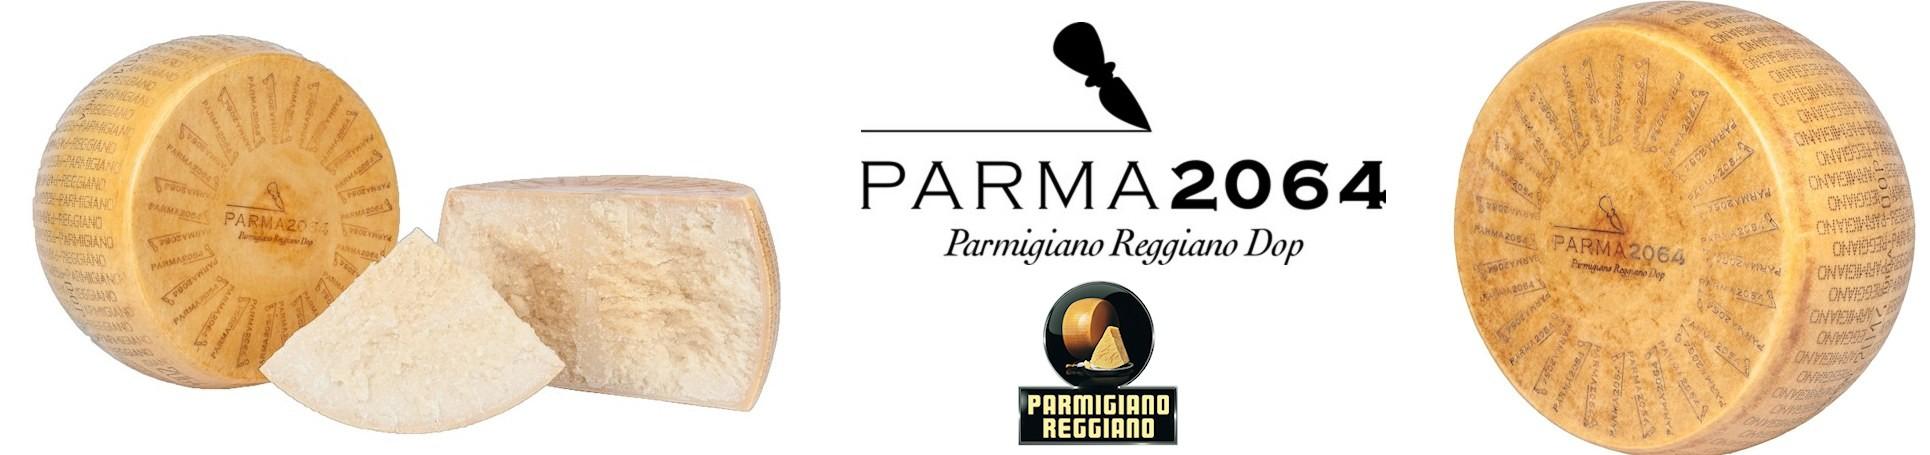 B2B GUSTOX - il Marketplace all'ingrosso delle eccellenze agroalimetari italiane - PARMA 2064 Parmigiano Reggiano Dop